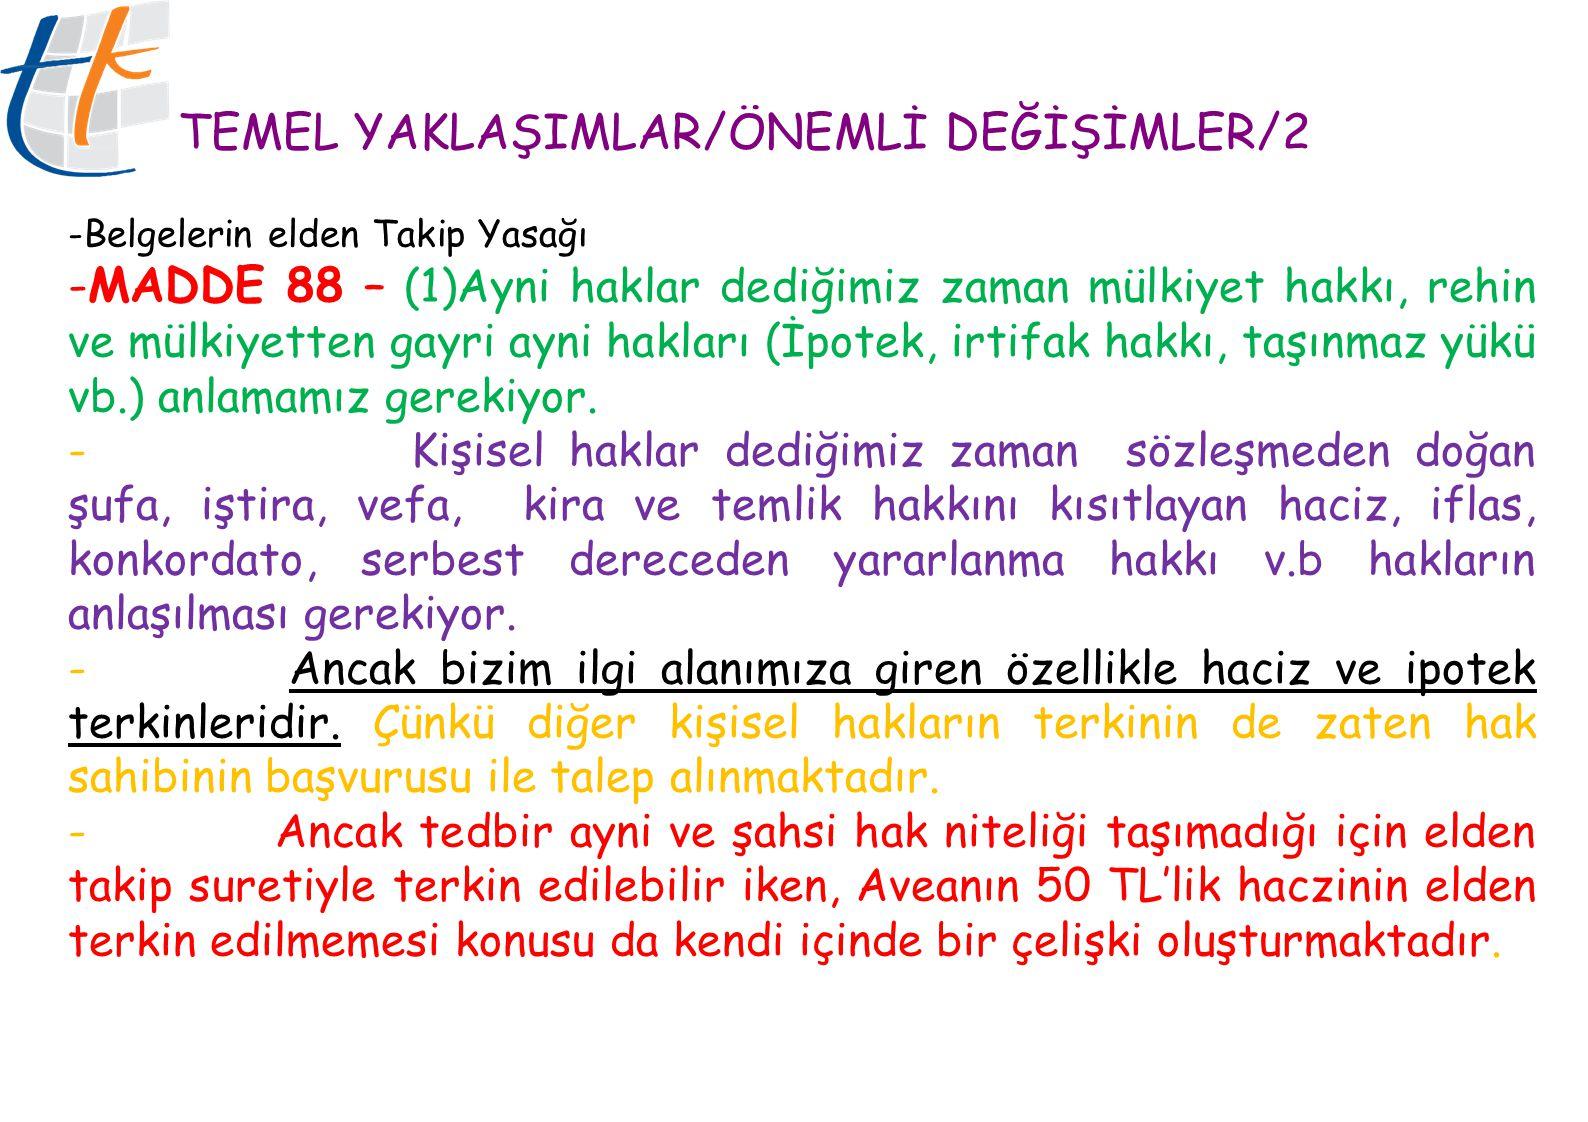 TEMEL YAKLAŞIMLAR/ÖNEMLİ DEĞİŞİMLER/2